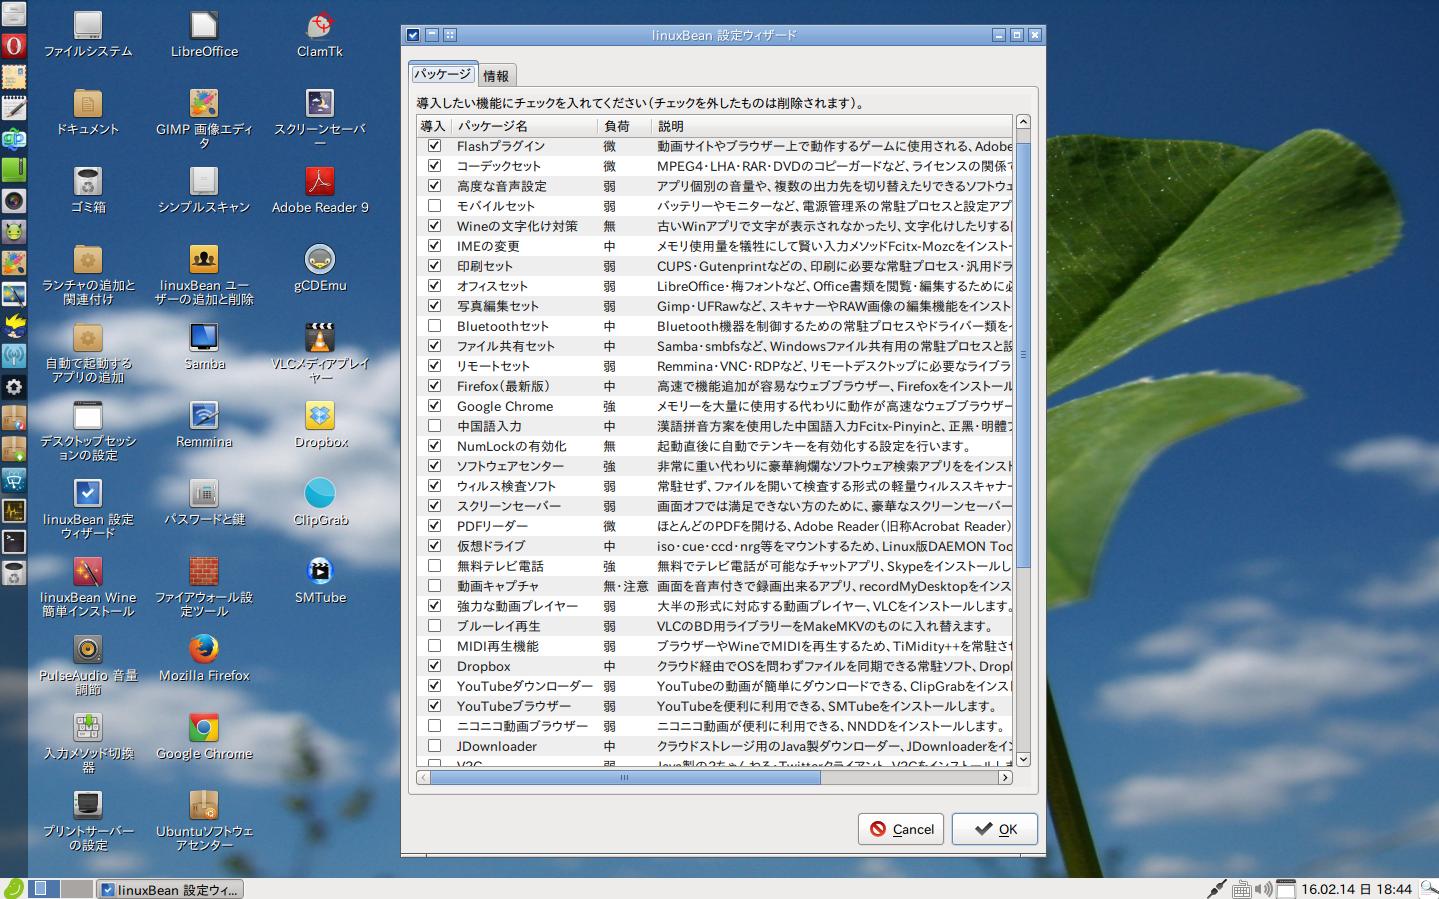 主なアプリケーション・ブラウザ2種(FireFox/chrome) ・動画再生ソフト・オフィスソフト(LibreOffice)  ・画像編集ソフト(GIMP) ・ドロップボックス・PDFリーダーなど